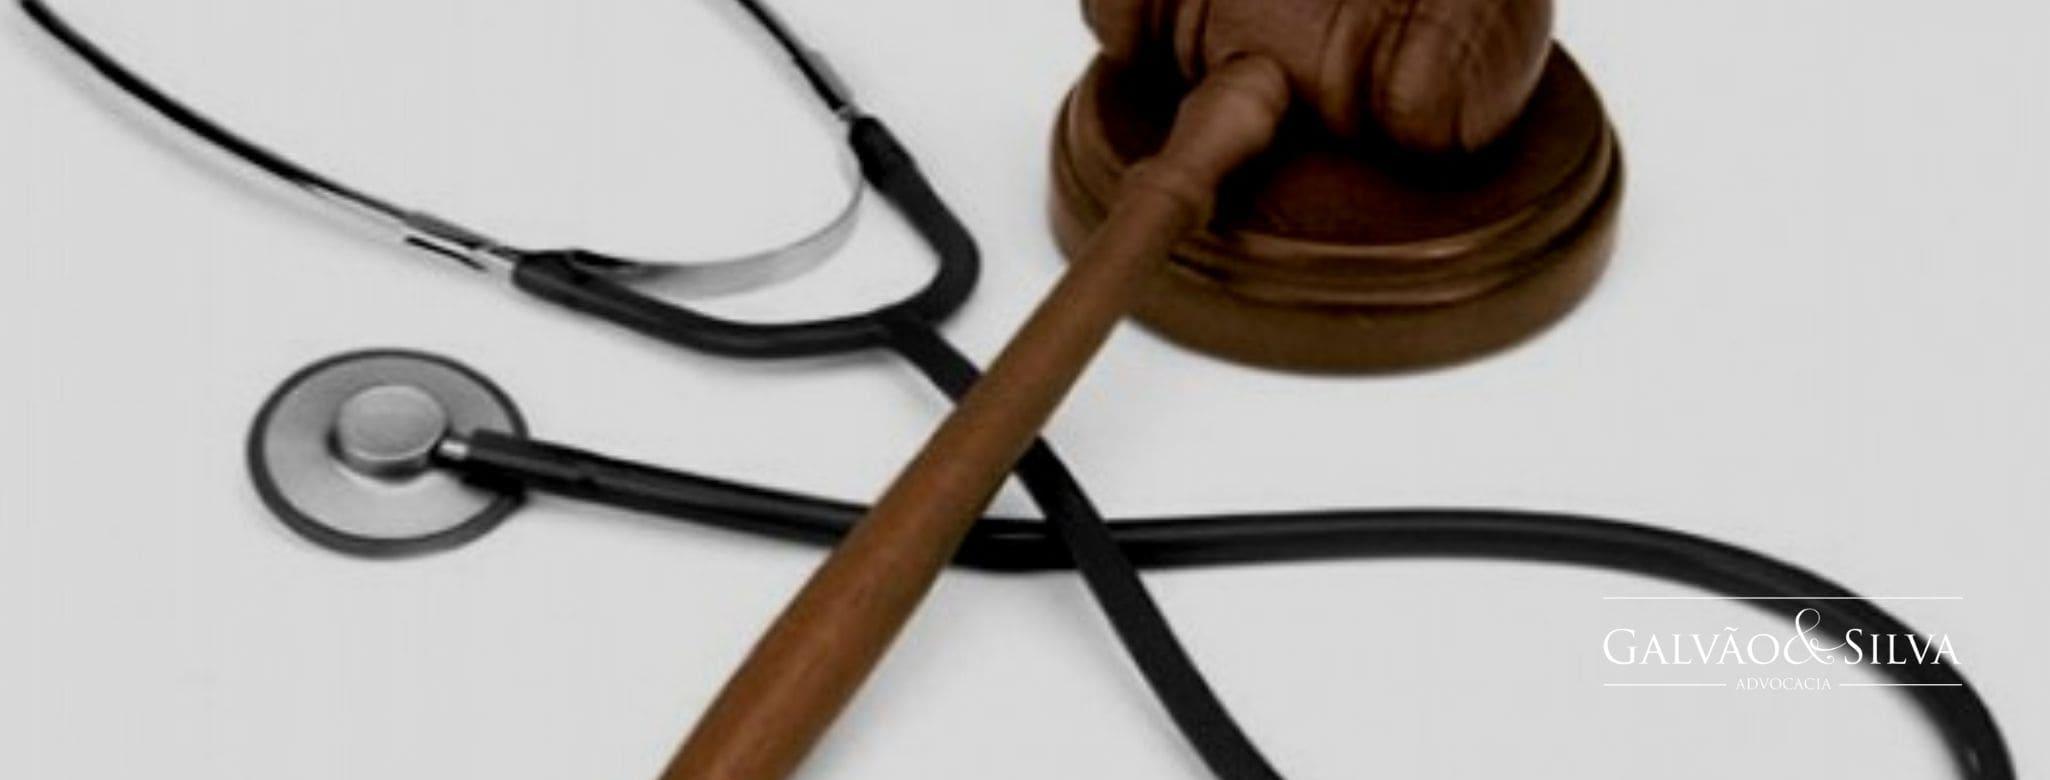 Mitigação da regra da responsabilidade civil subjetiva em caso de erro médico resultante de cirurgia plástica-estética